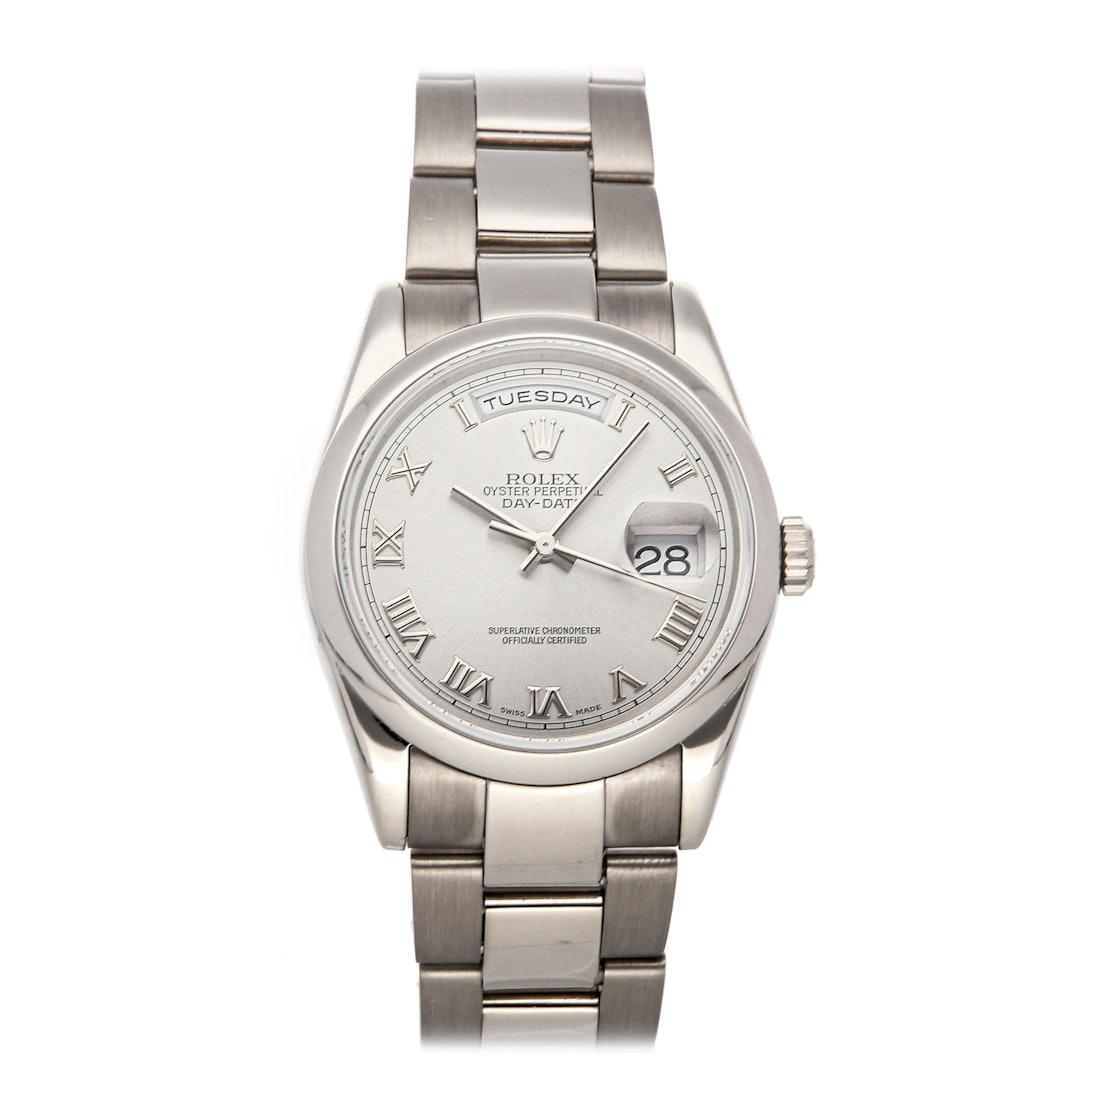 Rolex Day-Date 118209